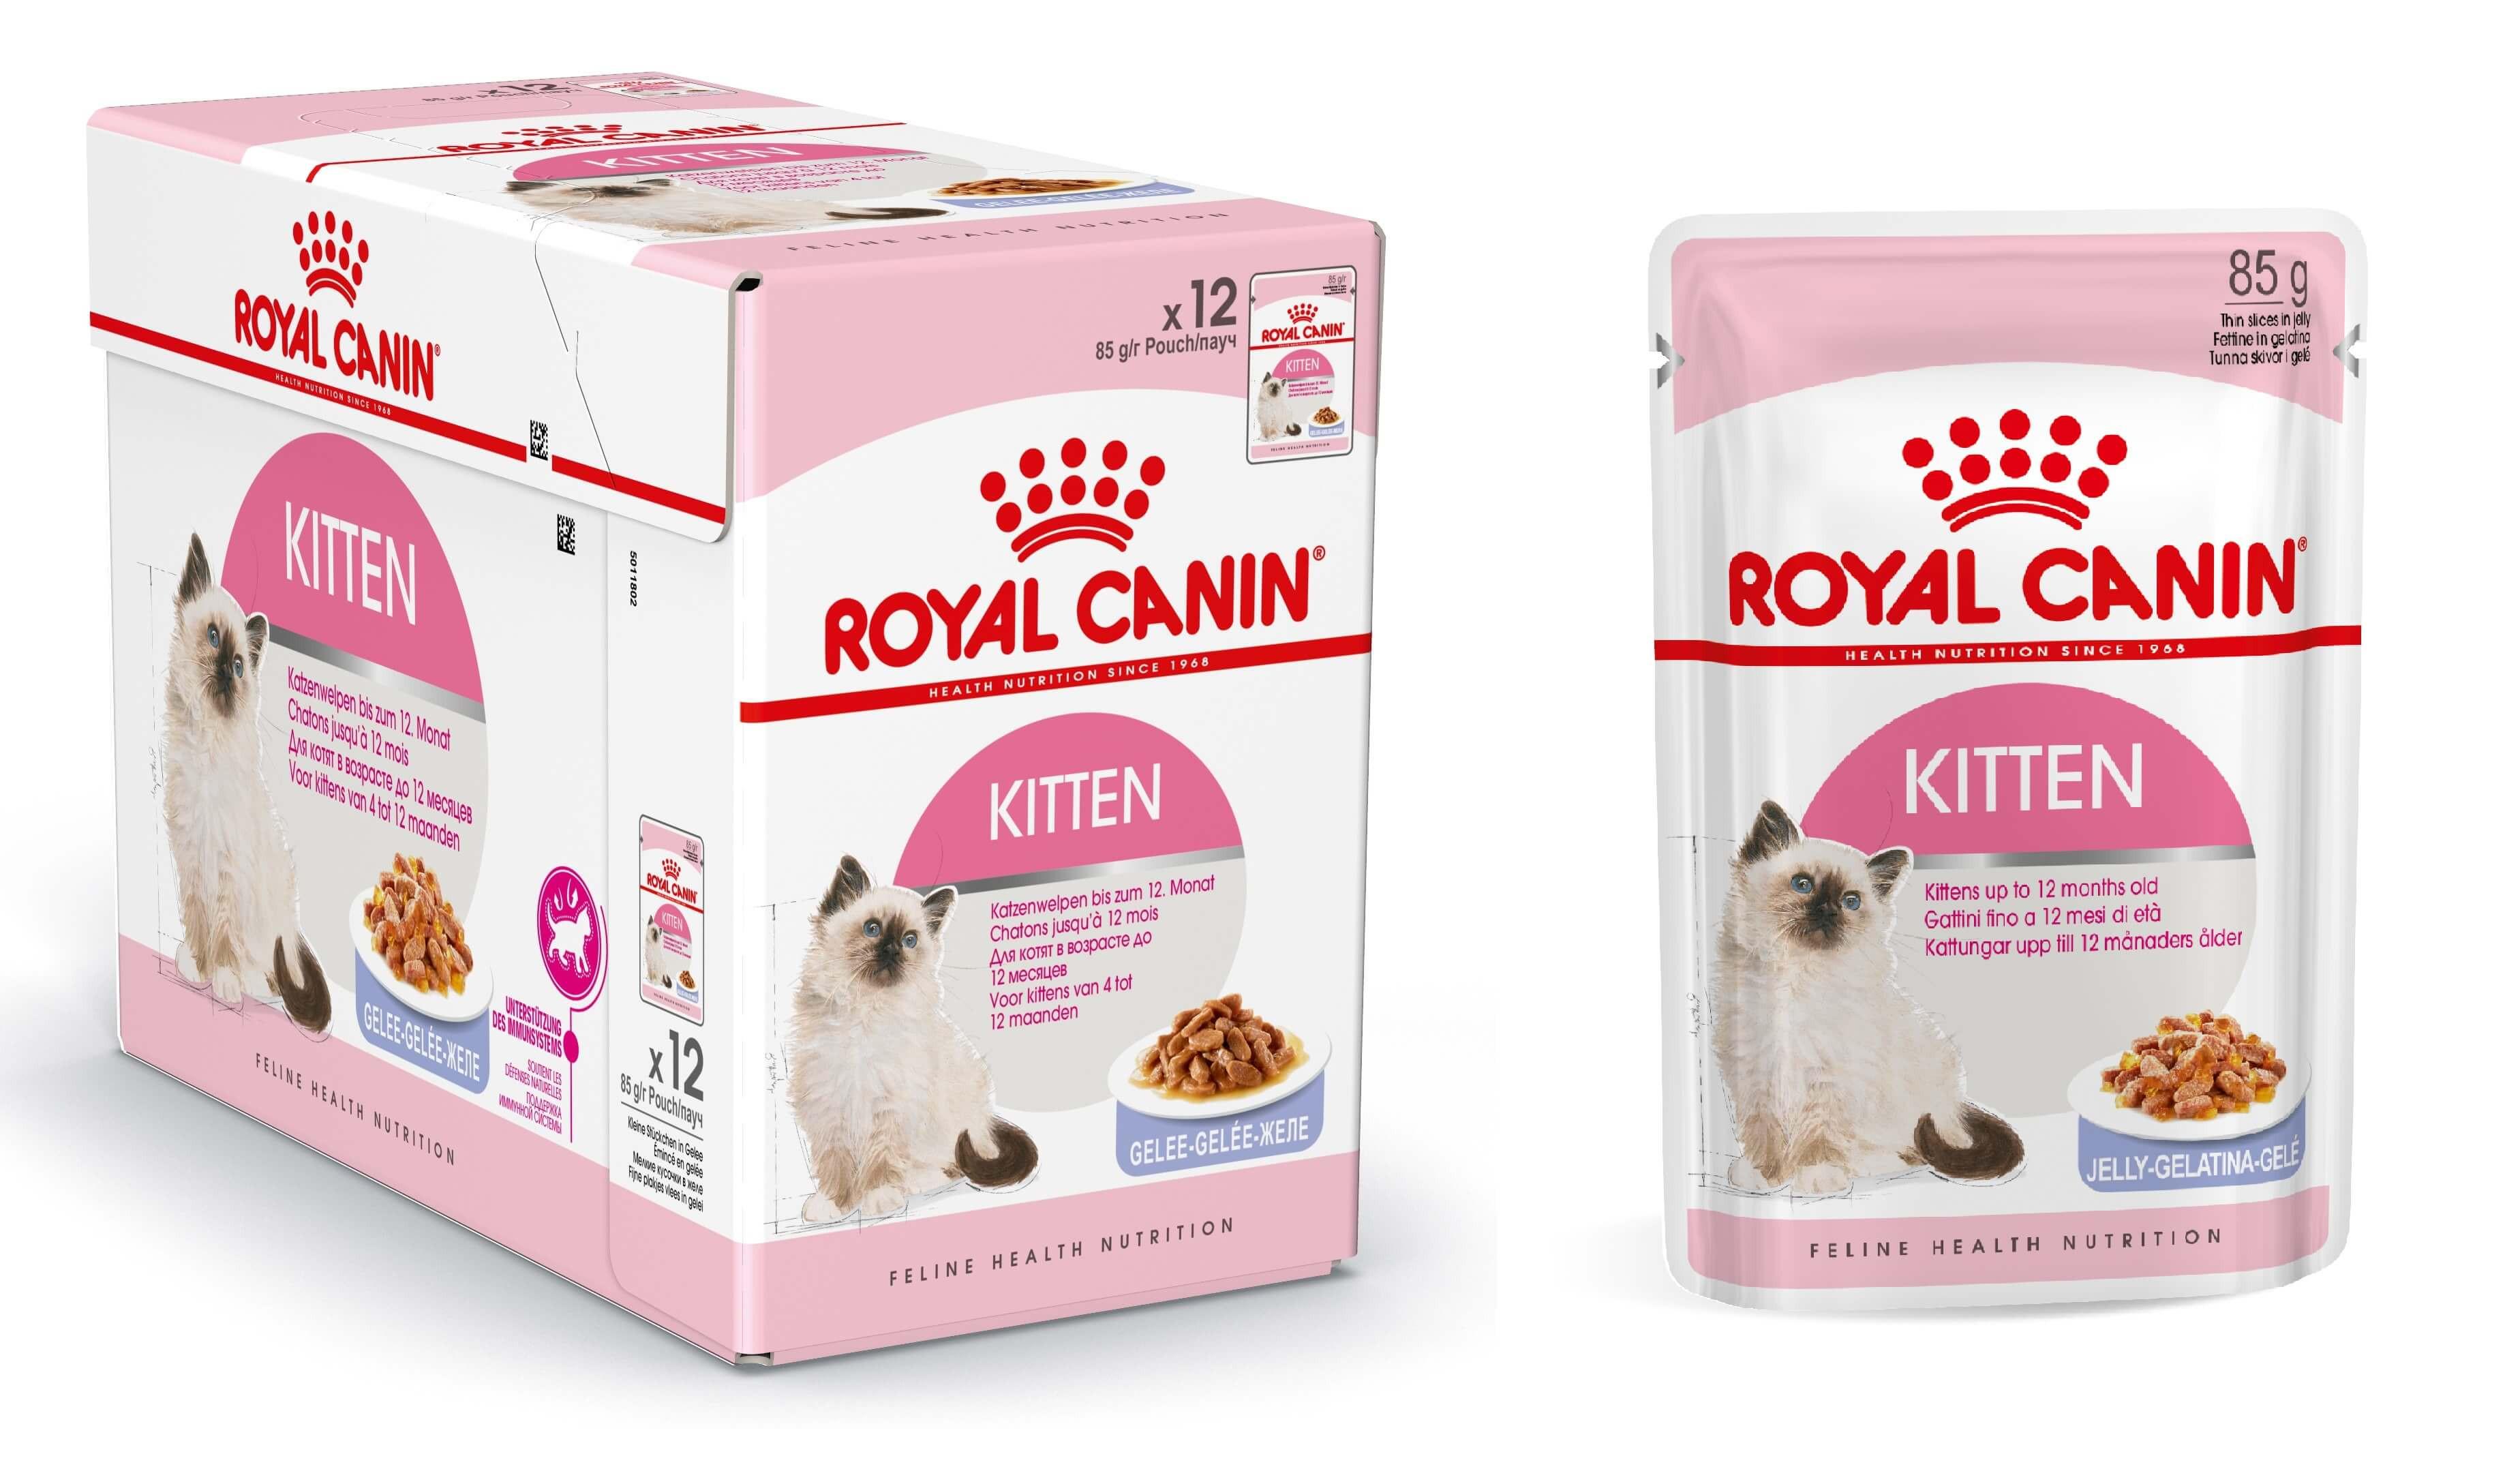 Royal Canin Pouch Kitten kattenvoer